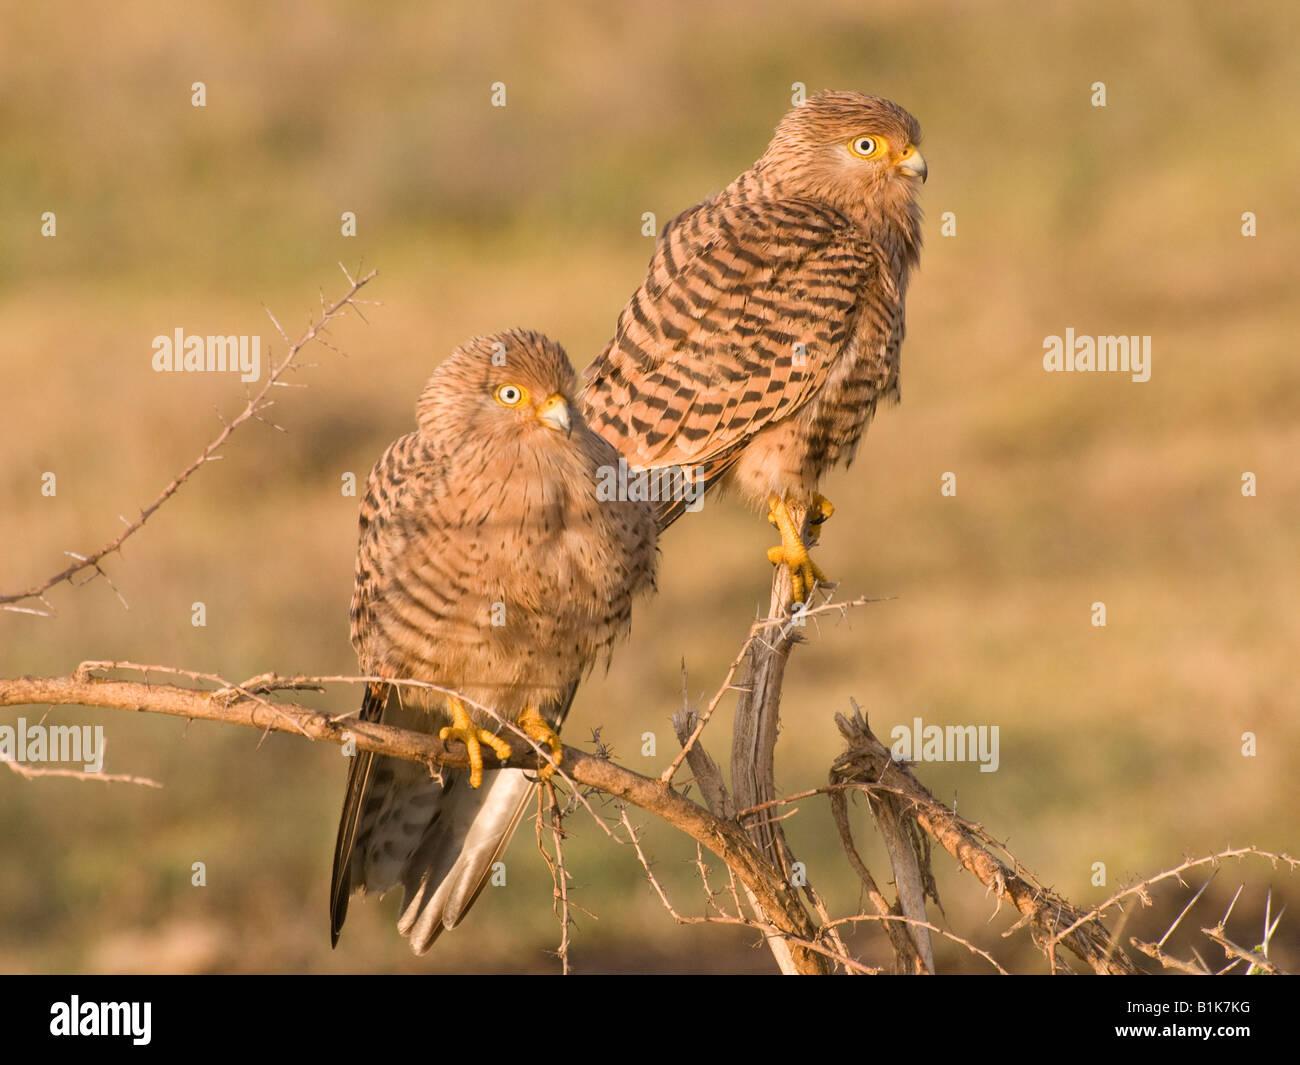 Pair of roosting Kestrels - Stock Image